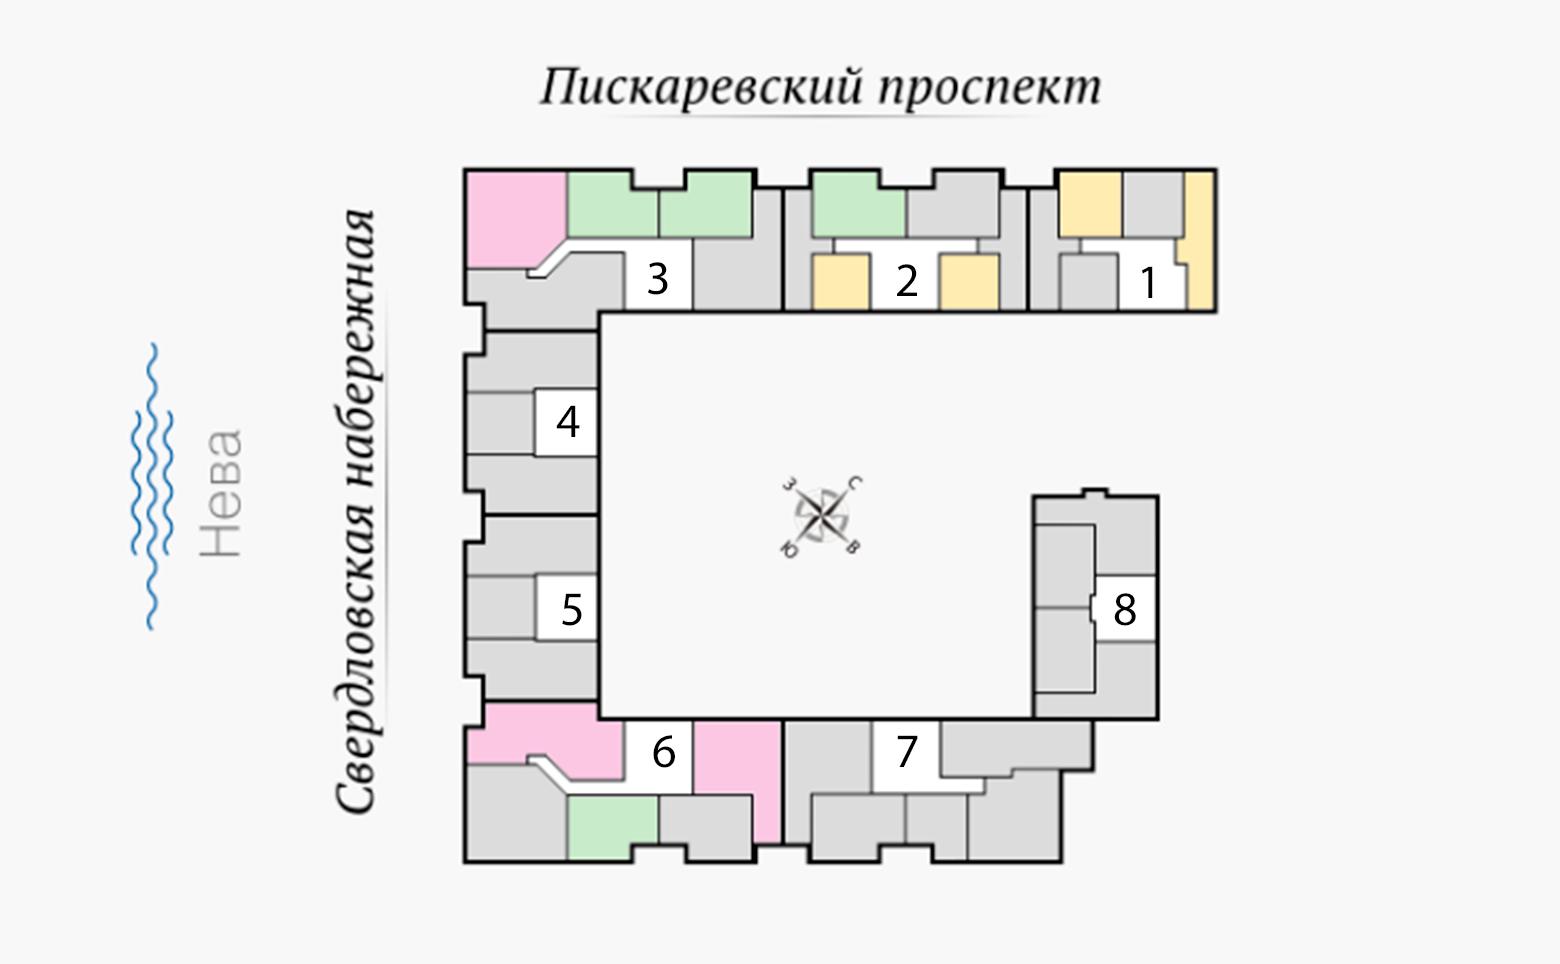 План жилого комплекса ЖК Четыре горизонта